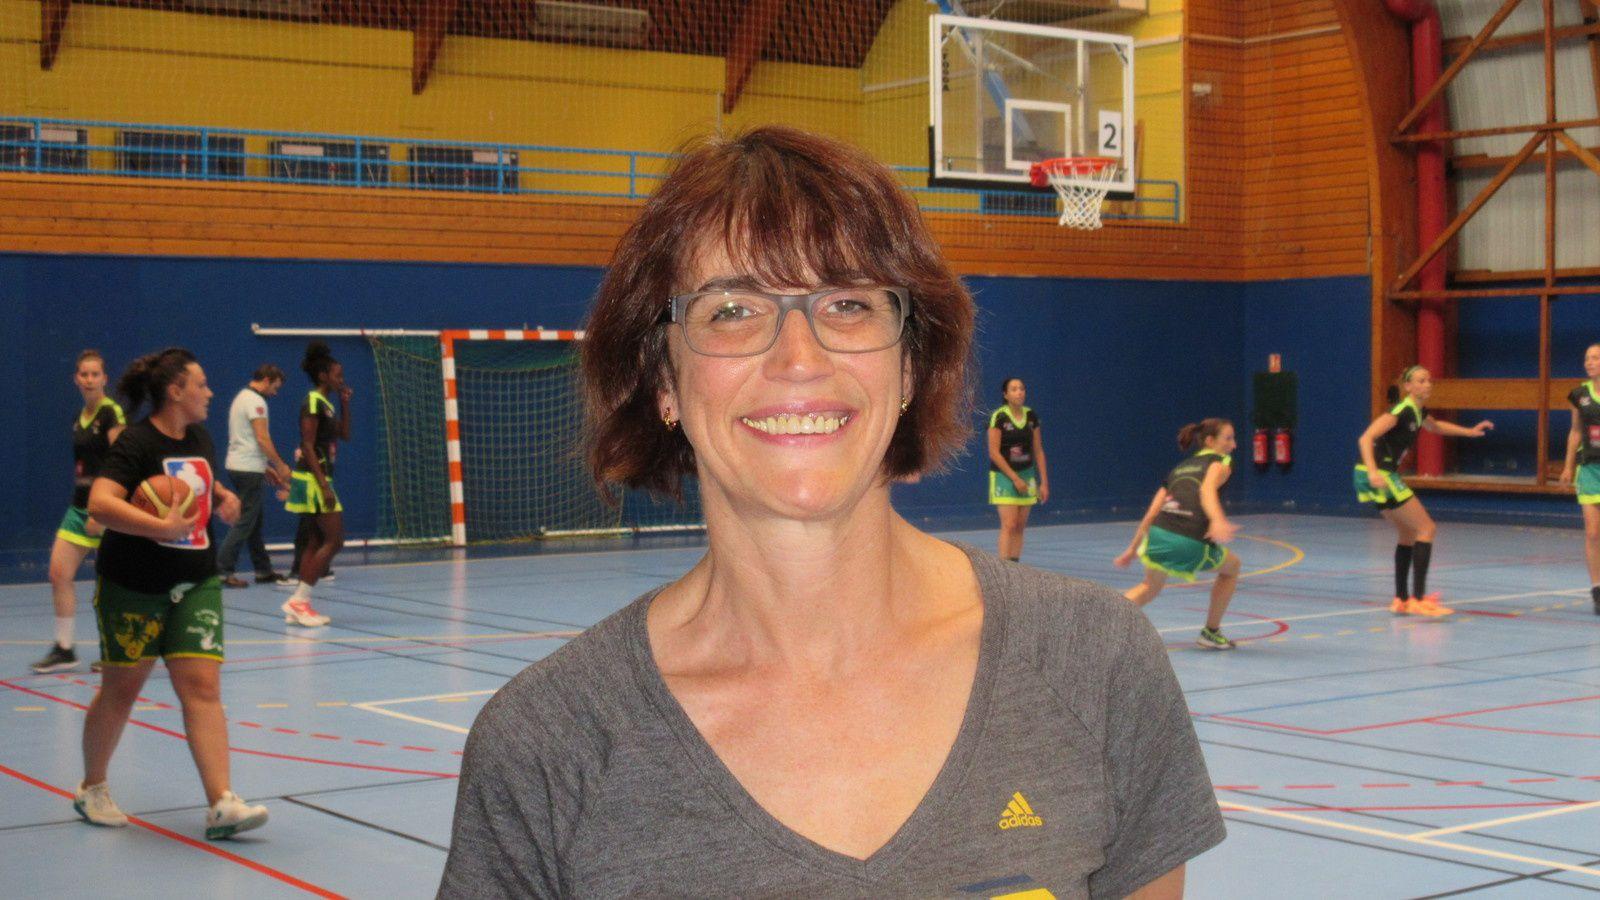 Christine Thiebault la présidente de l'Amicale Laïque de Vénissieux-Parilly Basket